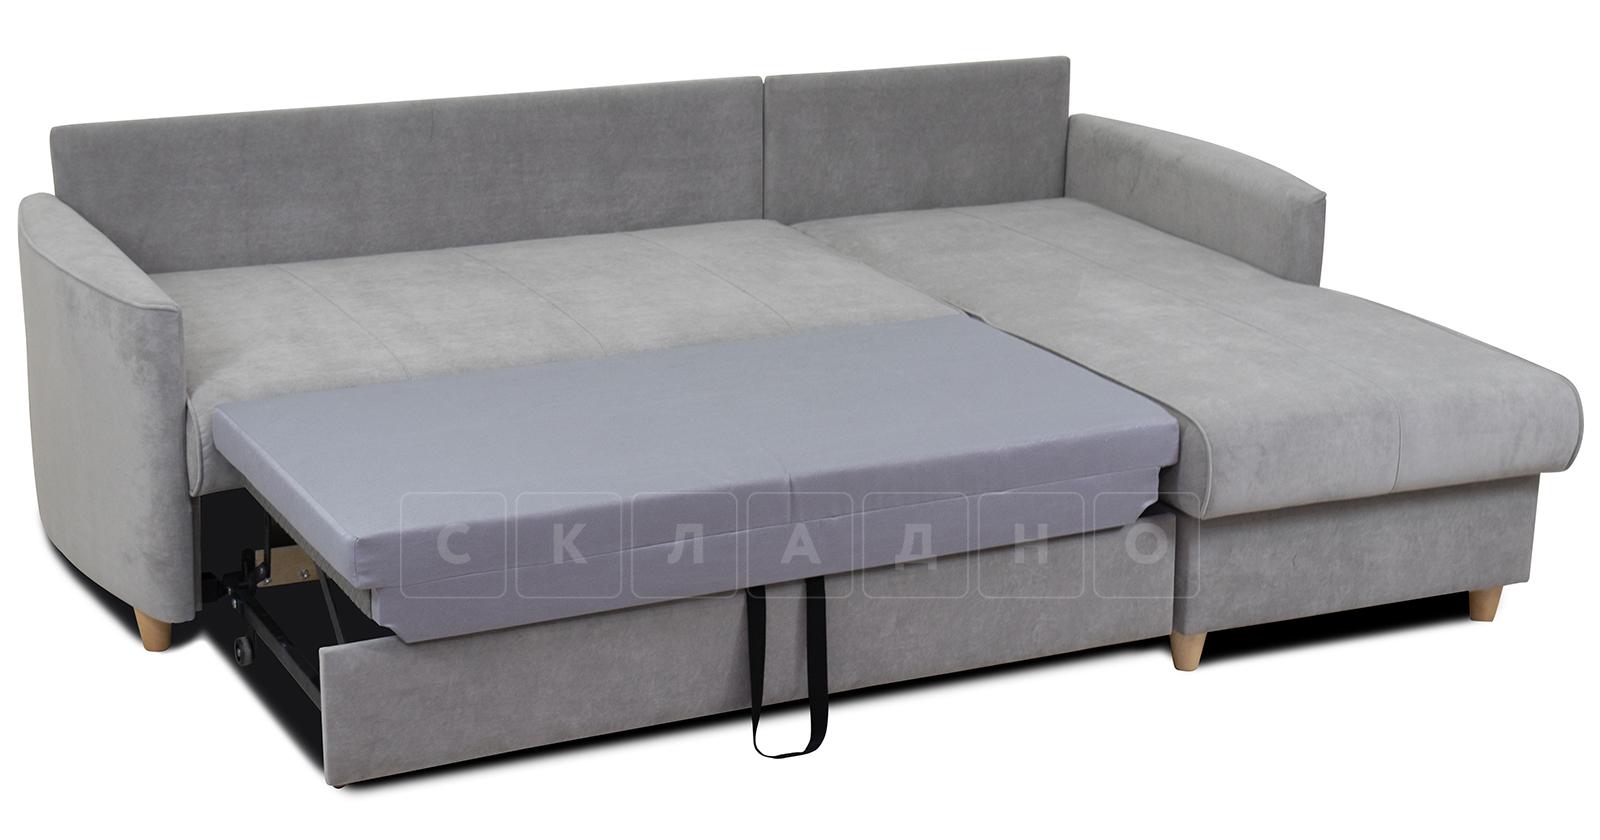 Угловой диван Лорен серебристый серый фото 6 | интернет-магазин Складно